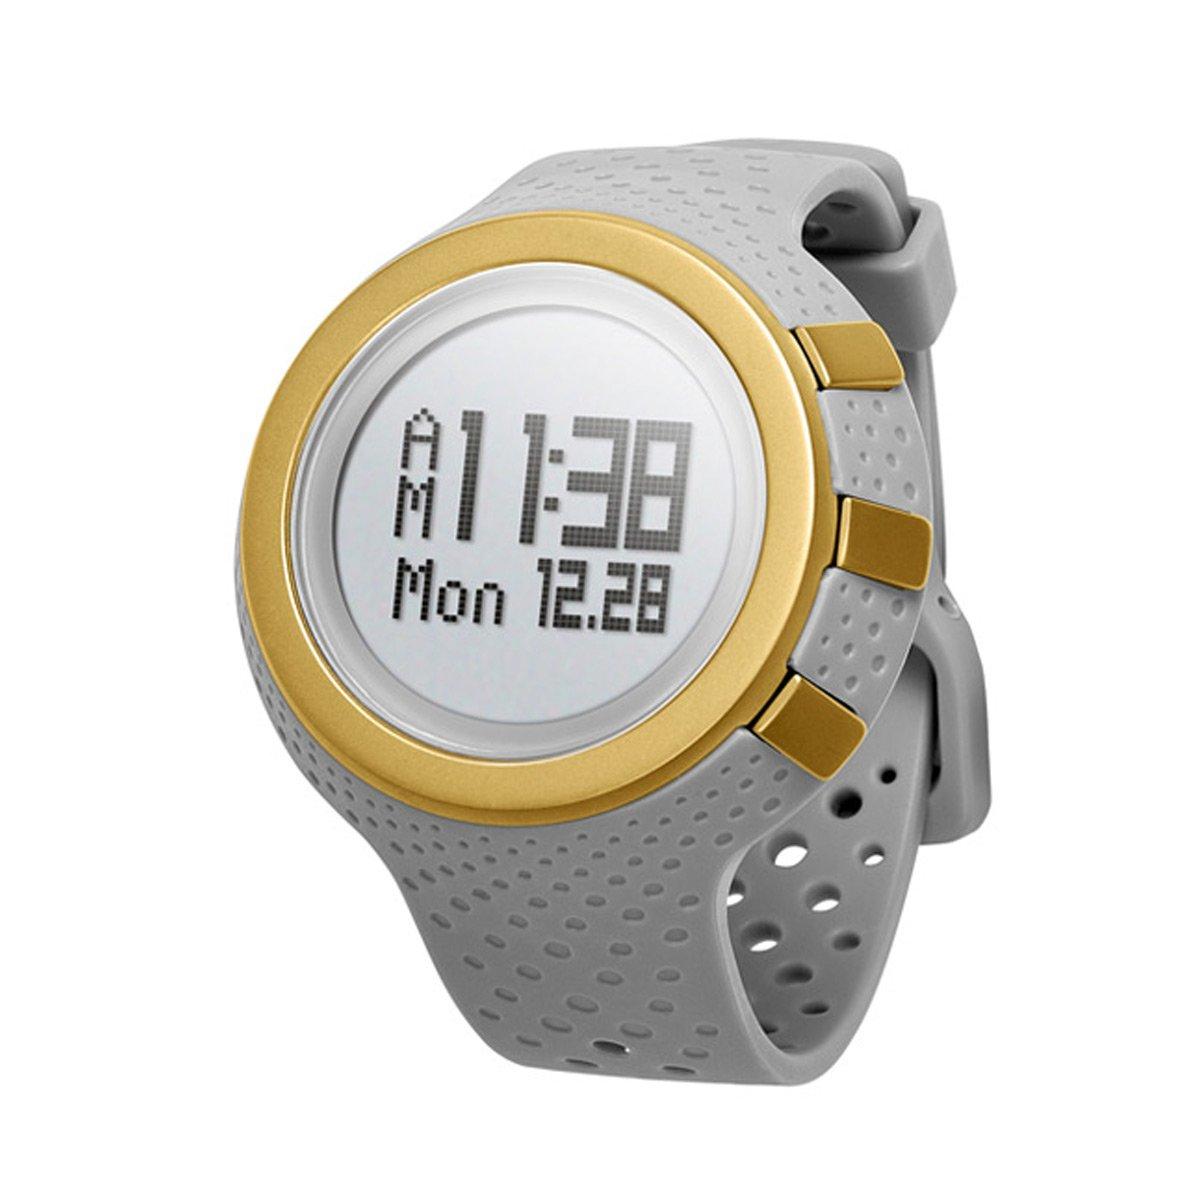 Oregon Scientific - Reloj Ssmart Adventurer (Oro) - RA900: Amazon.es ...